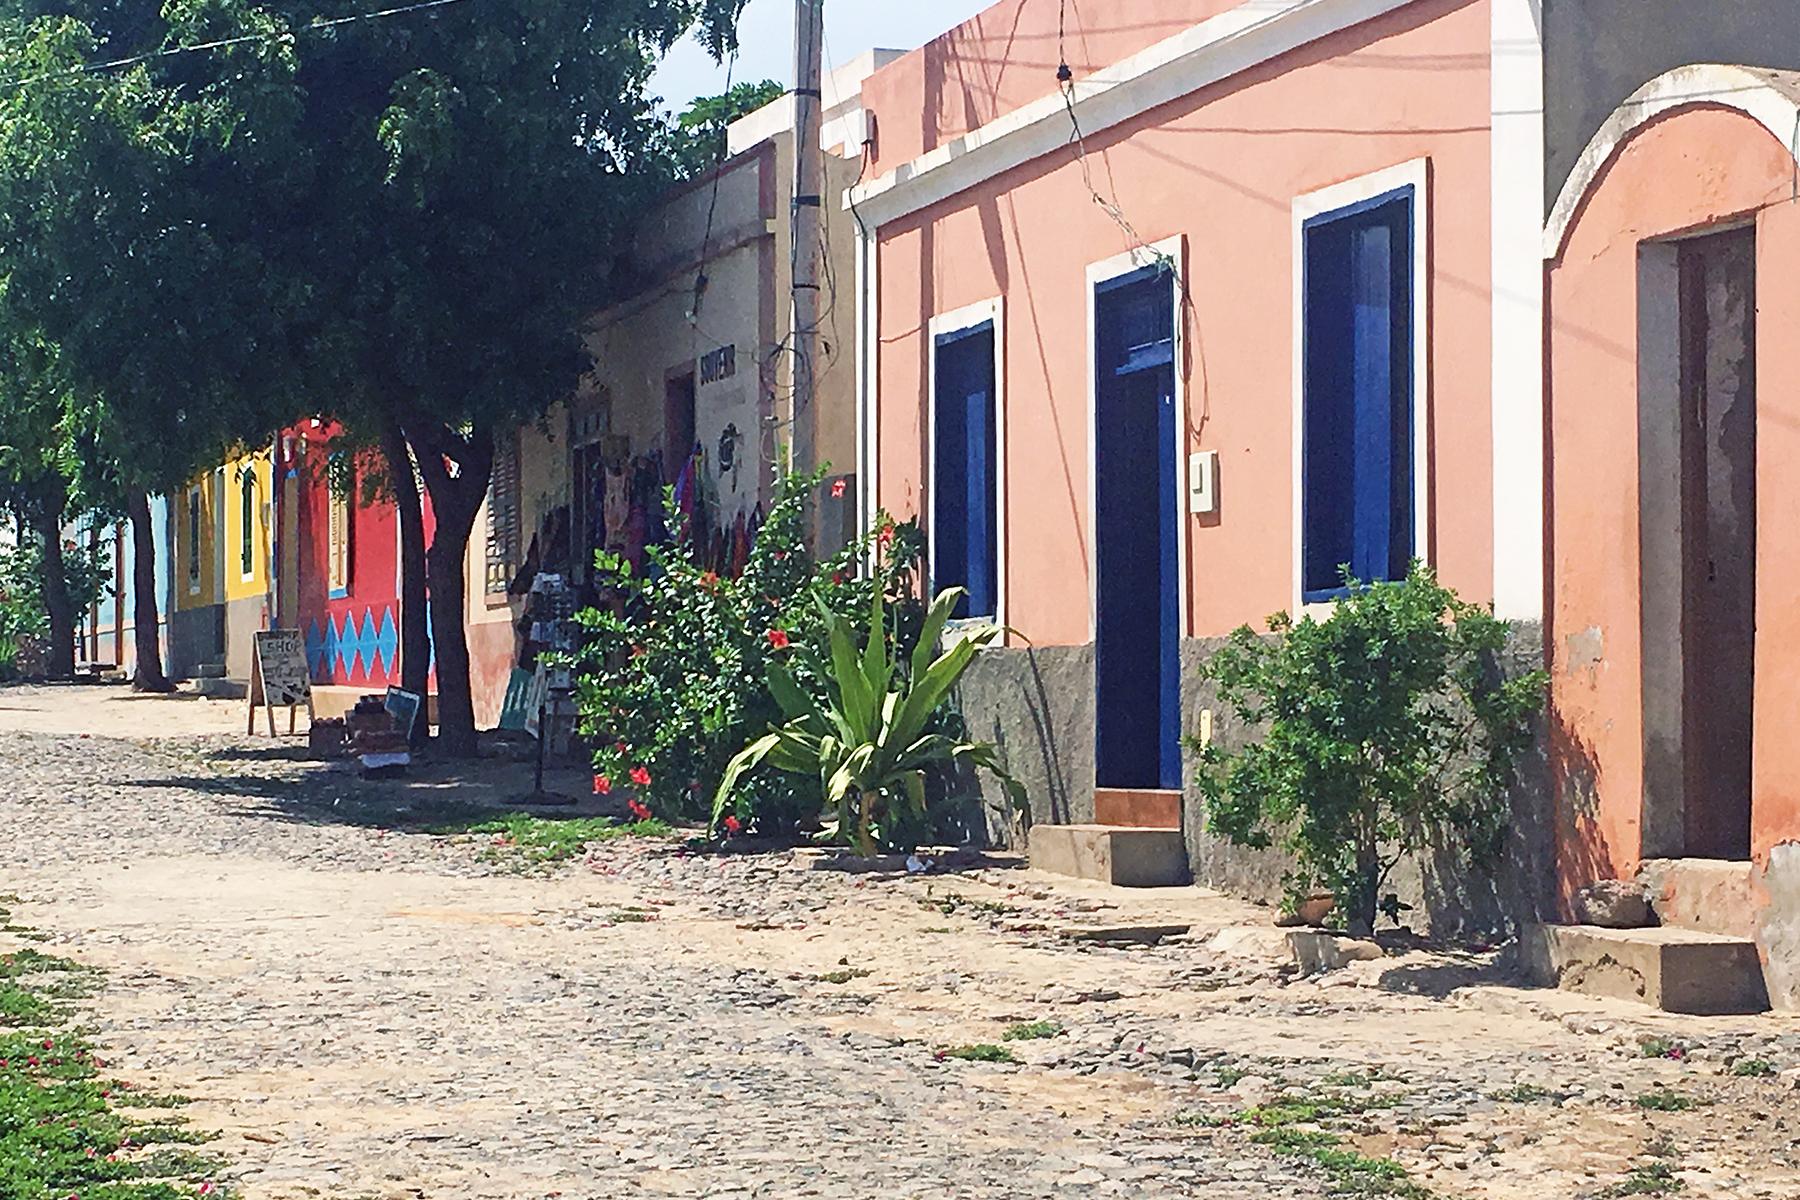 8 Tage, 5 Inseln, 1 Traumurlaub: 7 Gründe für eine Kapverden-Rundreise